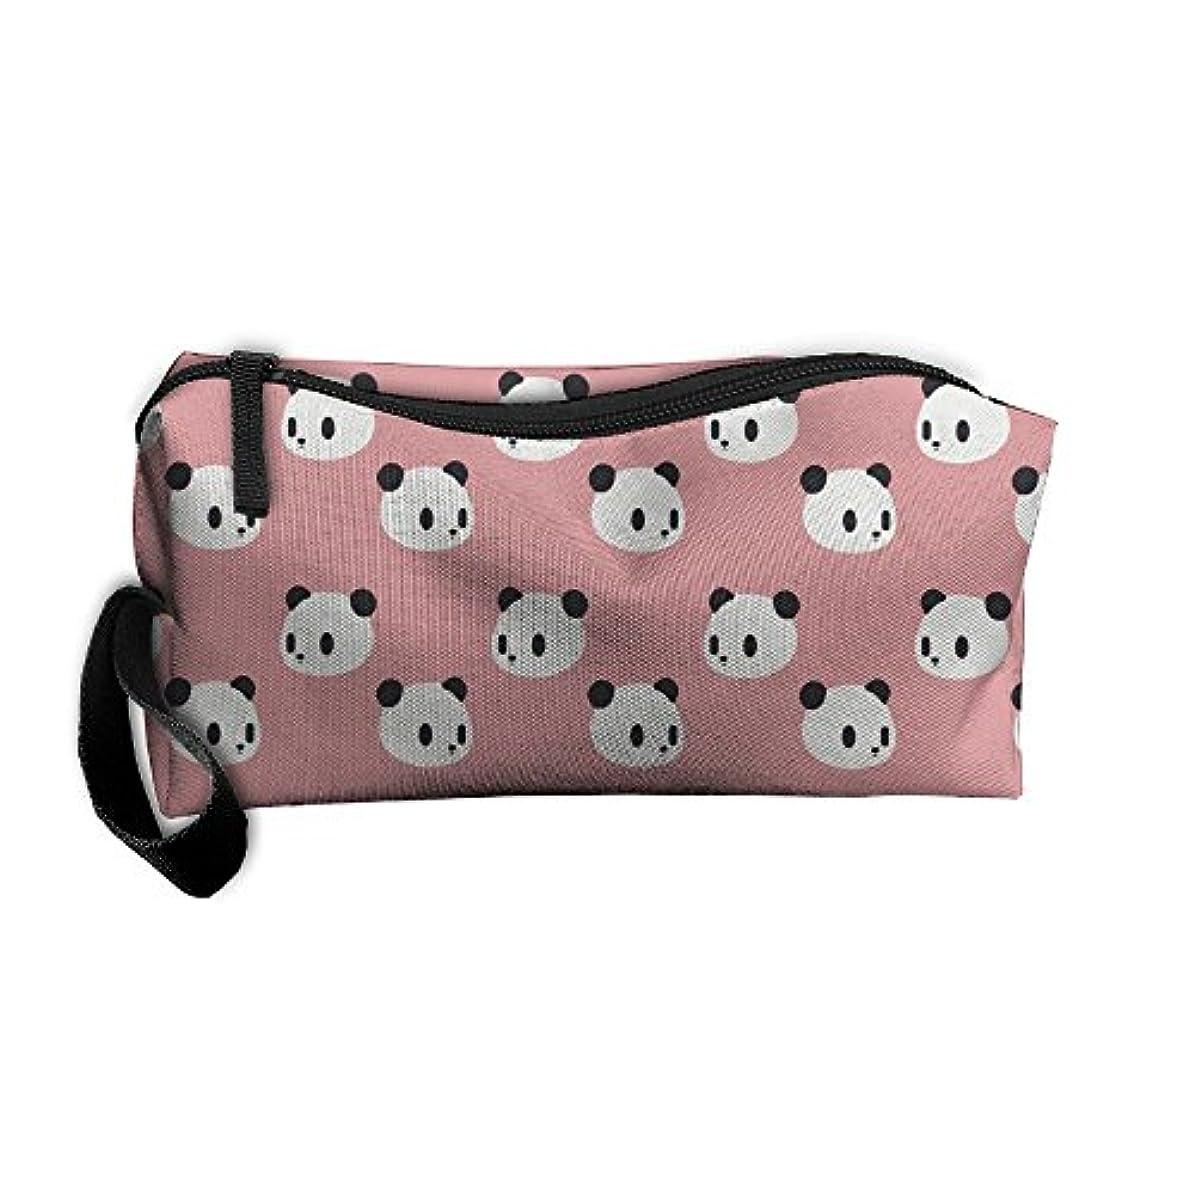 寛容な攻撃的隔離ErmiCO ペンポーチ ペンケース 筆箱 レディース メンズ カジュアル 化粧ポーチ 小物入り 多機能バッグ 贈り物 パンダパターン